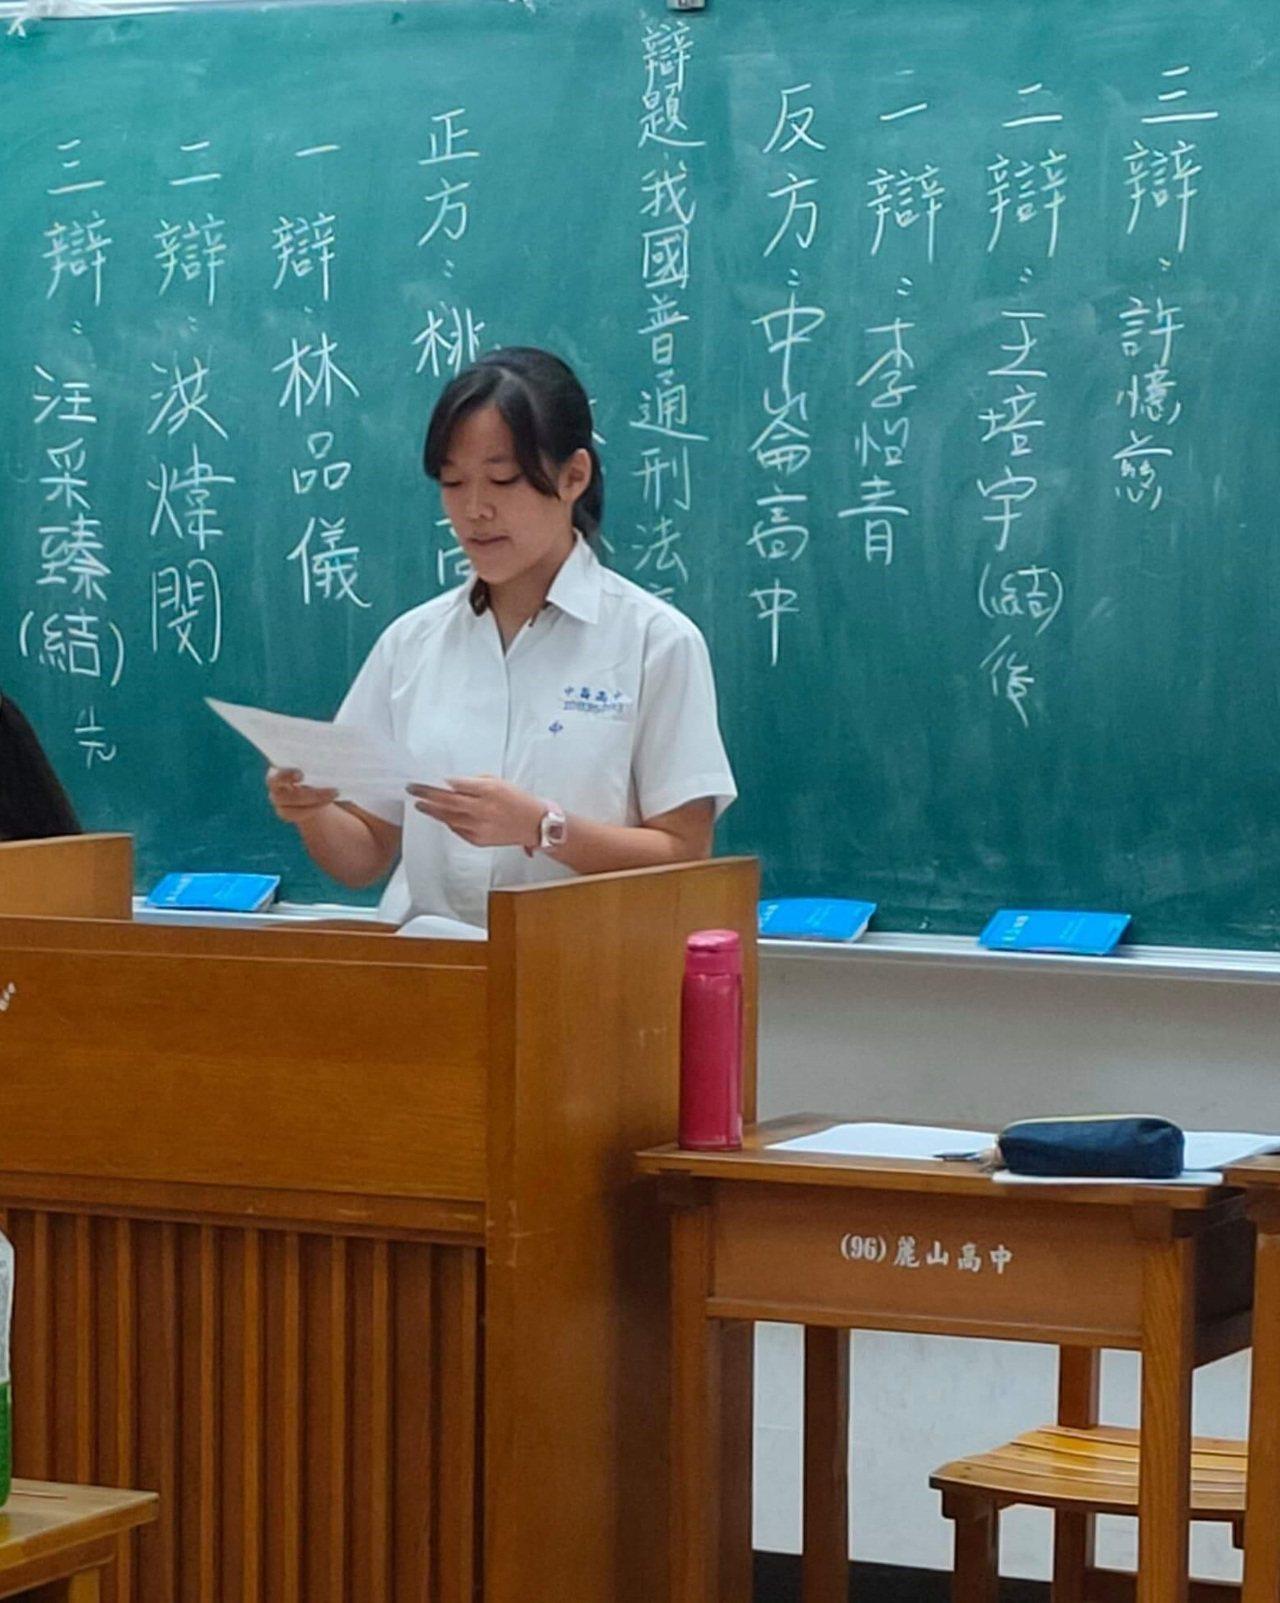 中崙高中李怡青同學(左二)參加校內新生盃辯論比賽。圖/李怡青提供